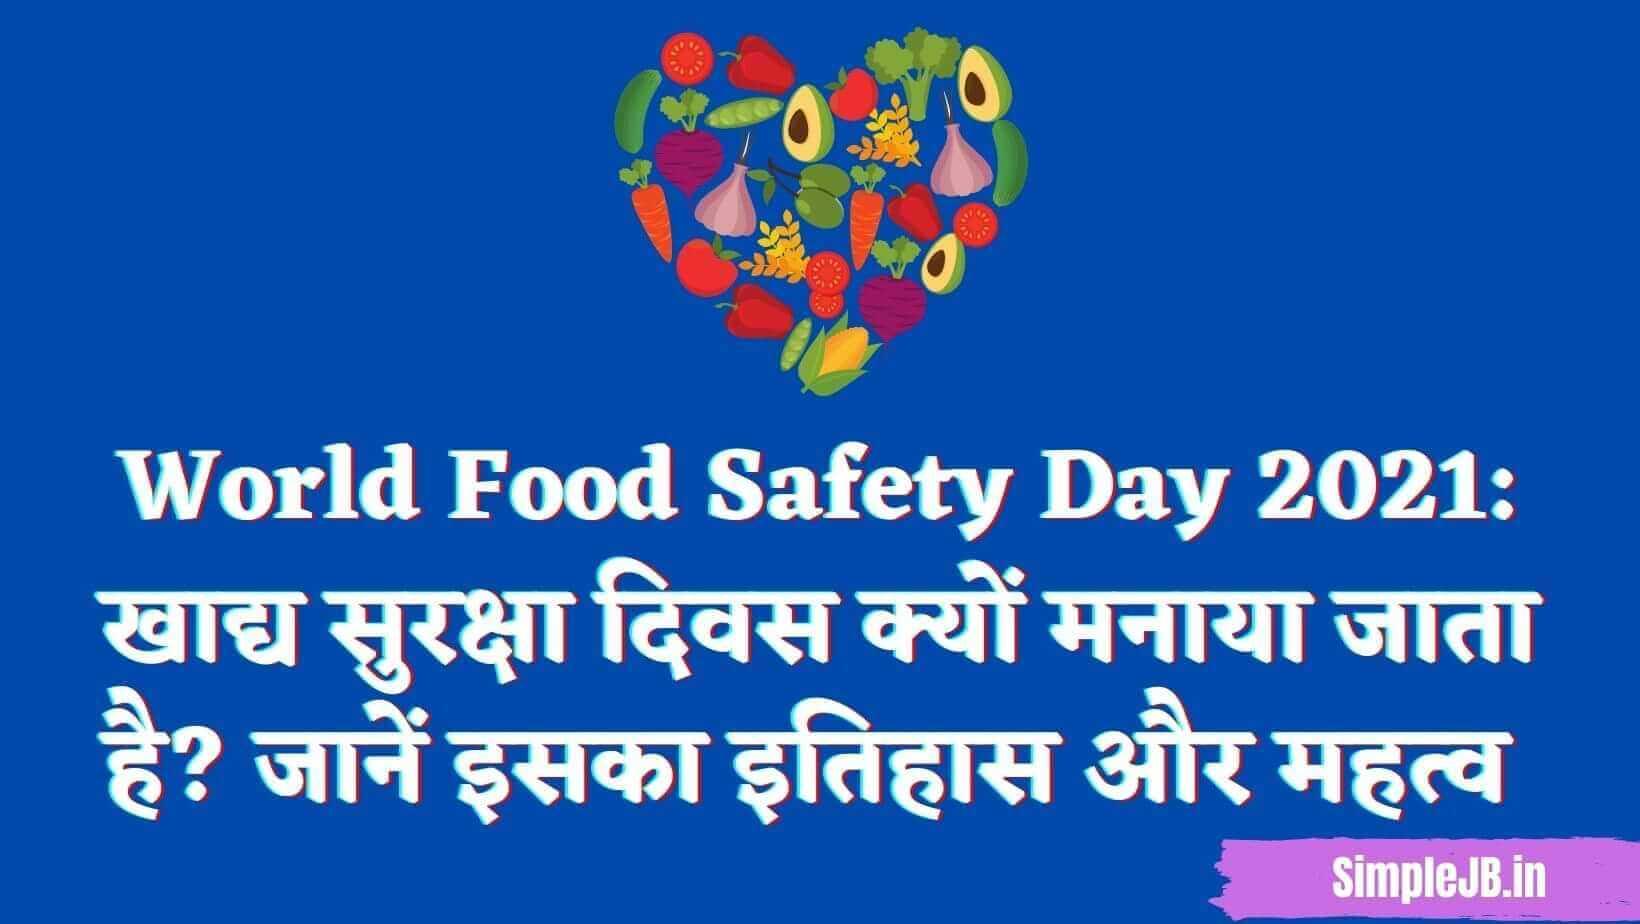 World Food Safety Day 2021: खाद्य सुरक्षा दिवस क्यों मनाया जाता है? जानें इसका इतिहास और महत्व